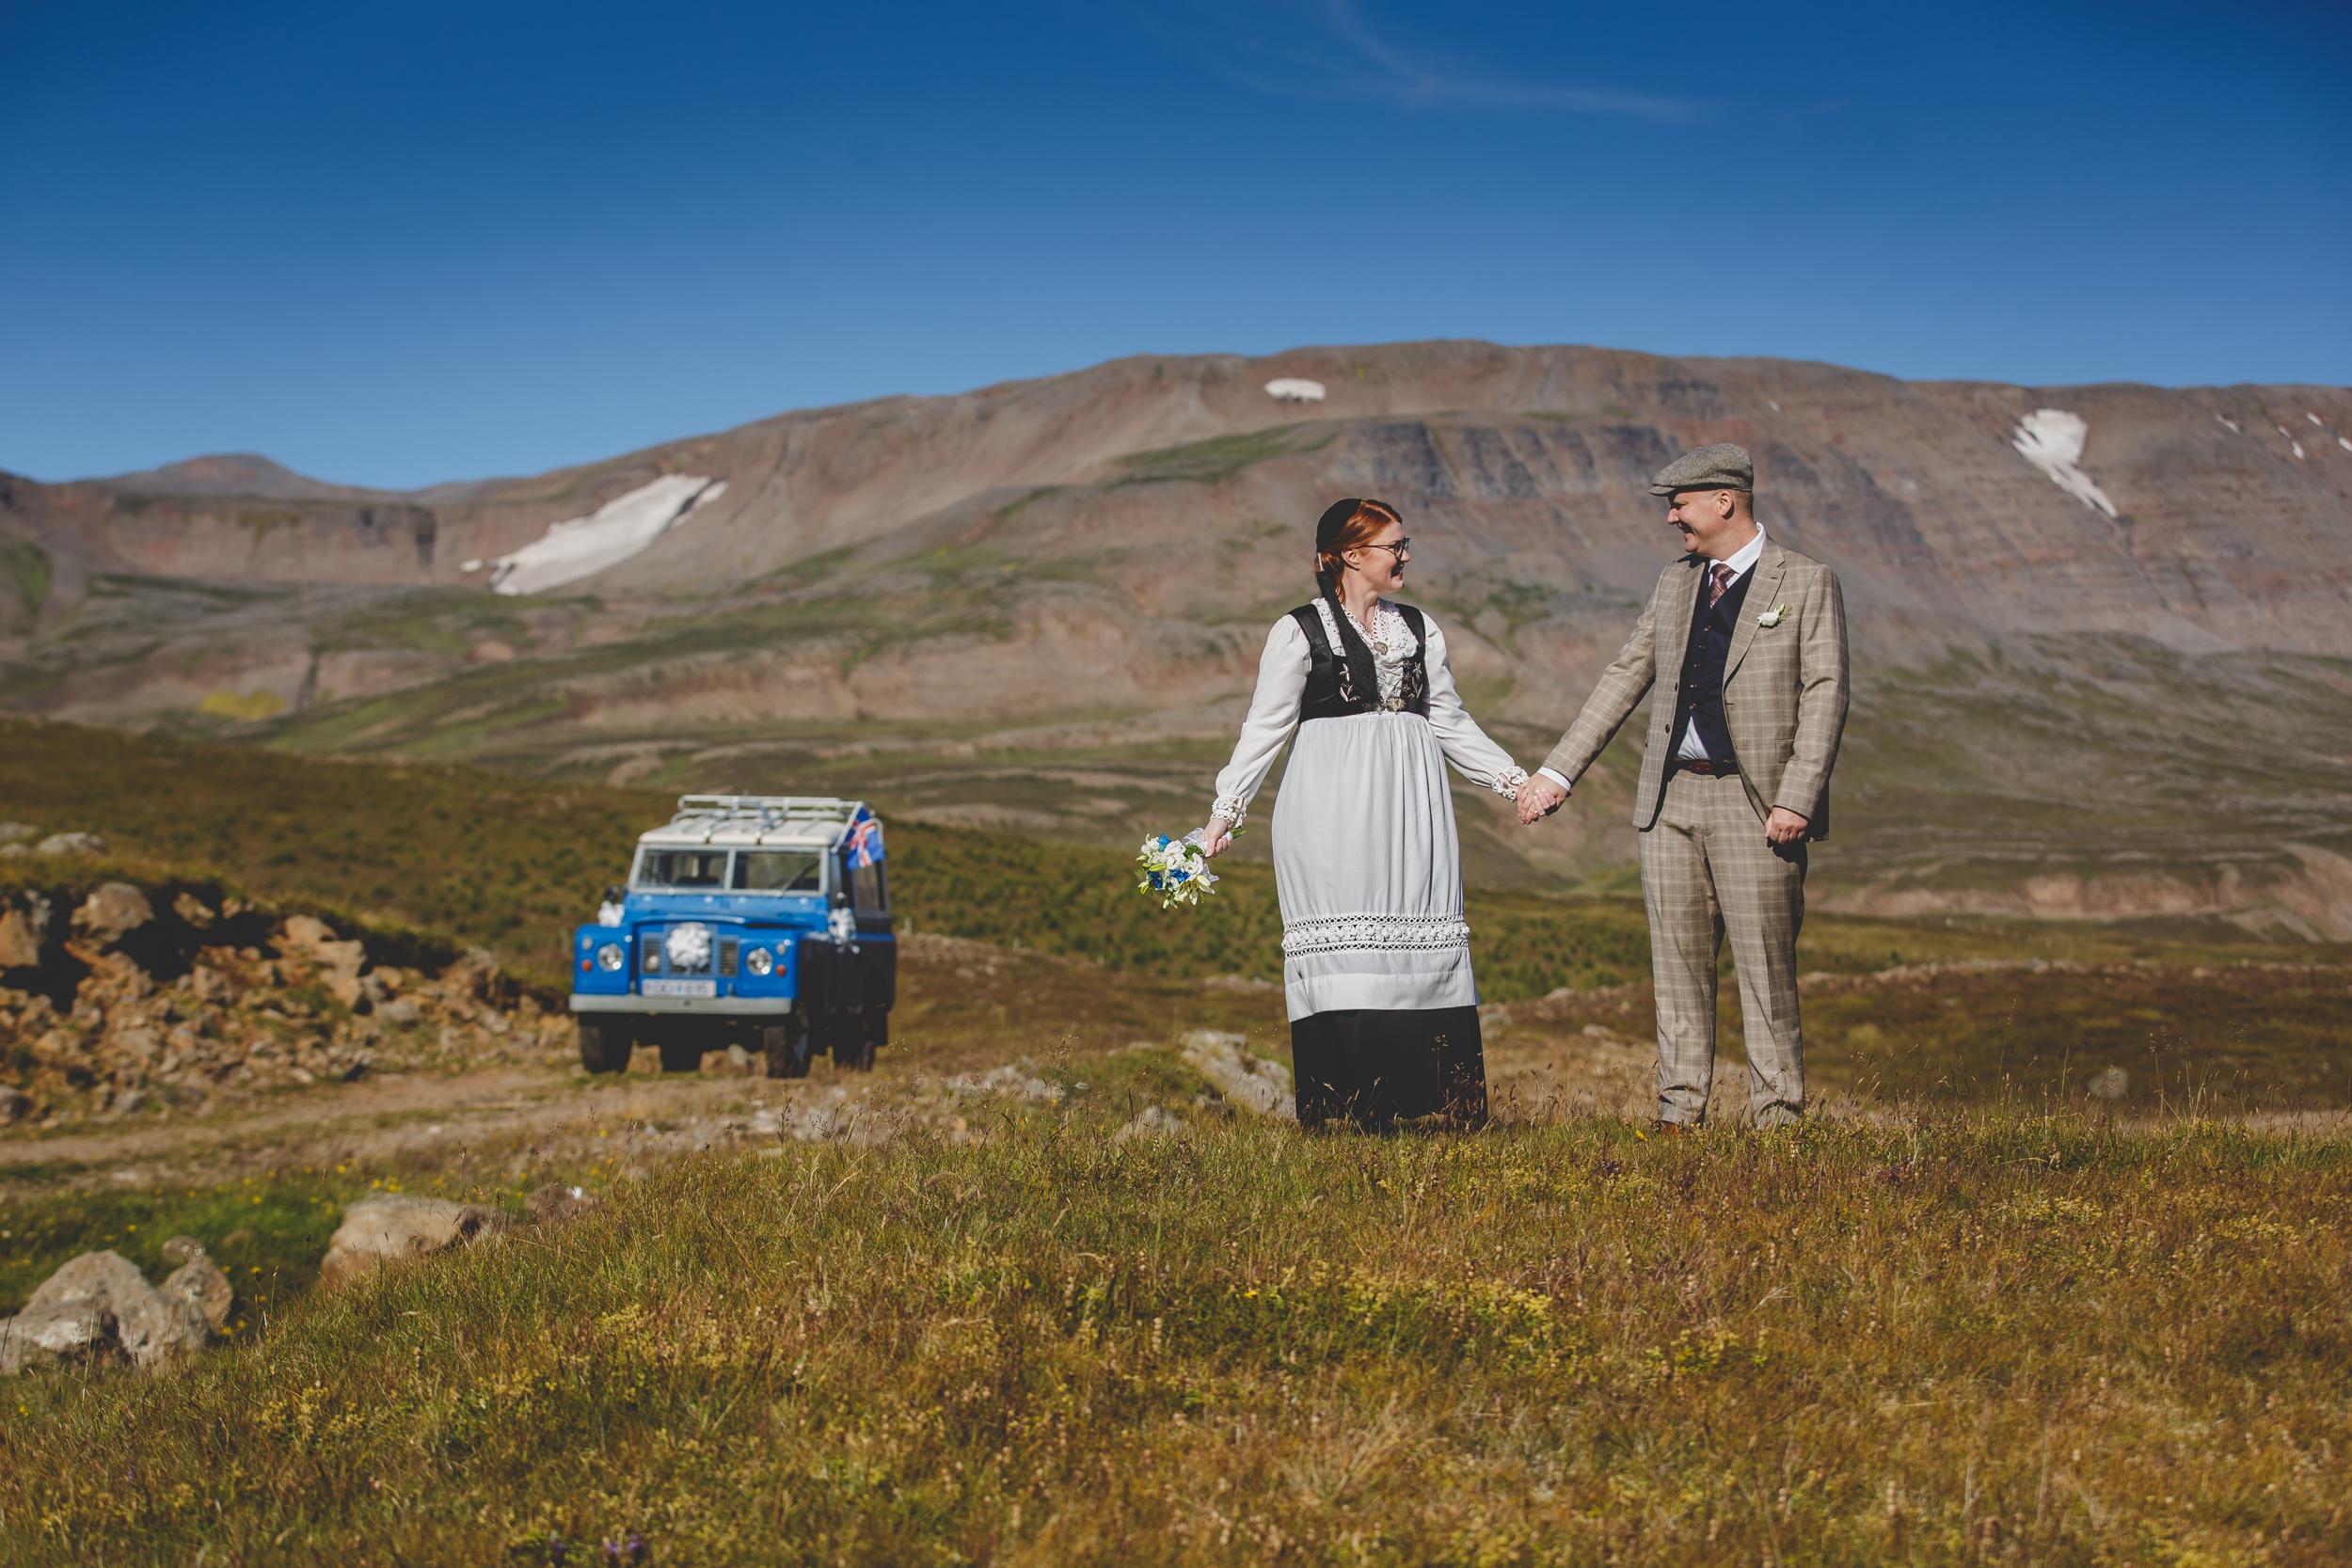 Brudkaup01-213.jpg